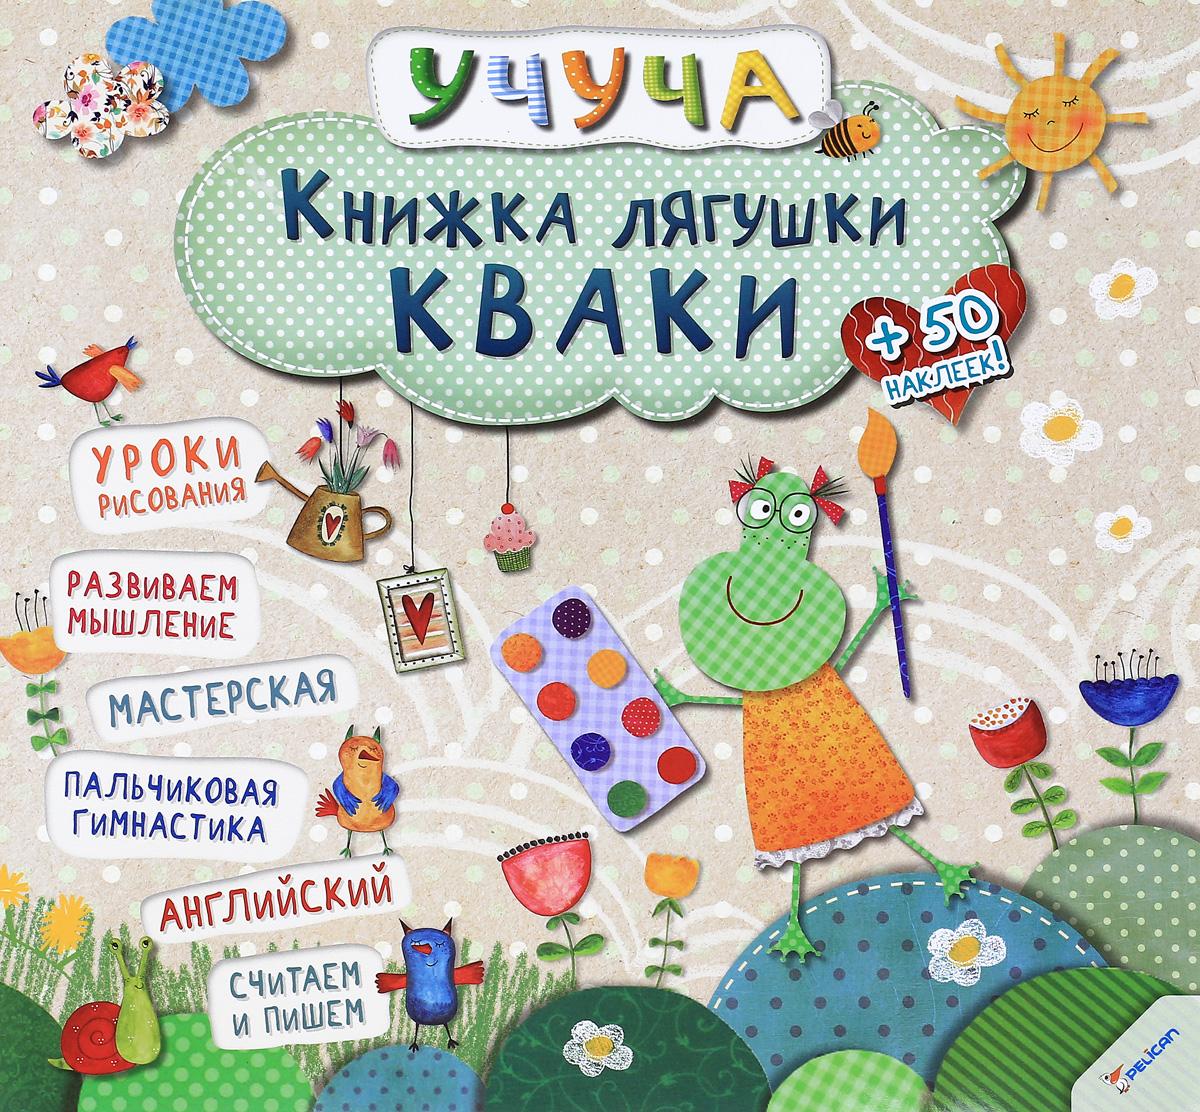 Книжка лягушки Кваки (+ 50 наклеек)